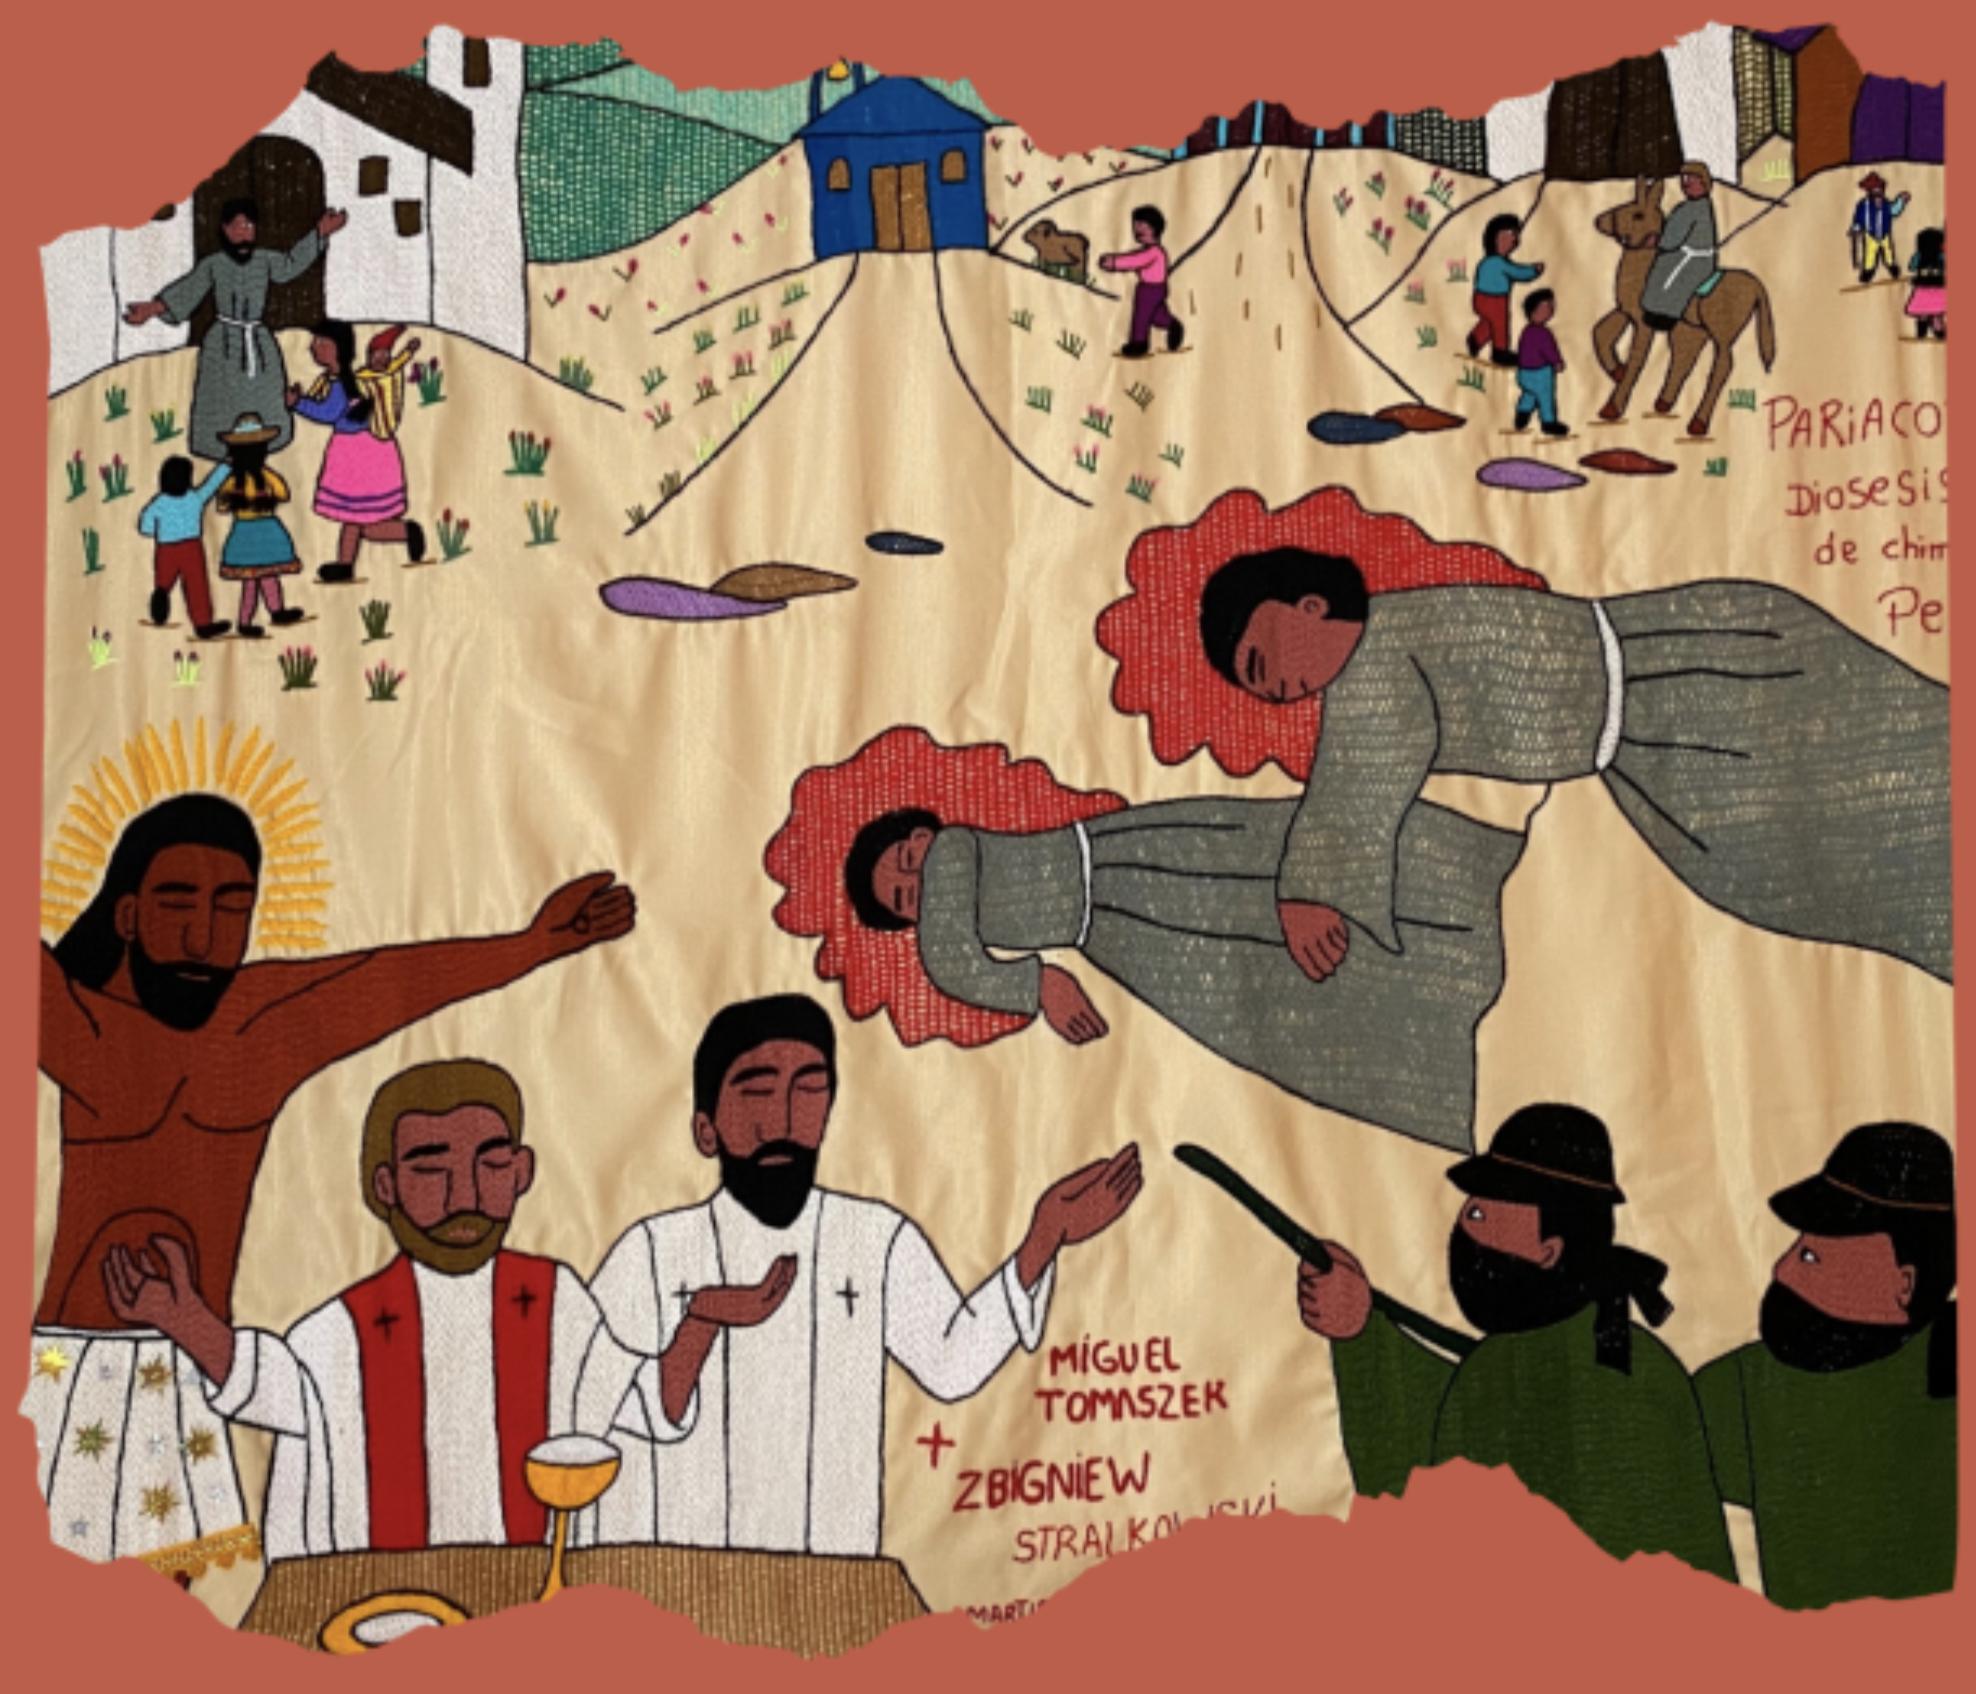 7 czerwca z Męczennikami z Pariacoto